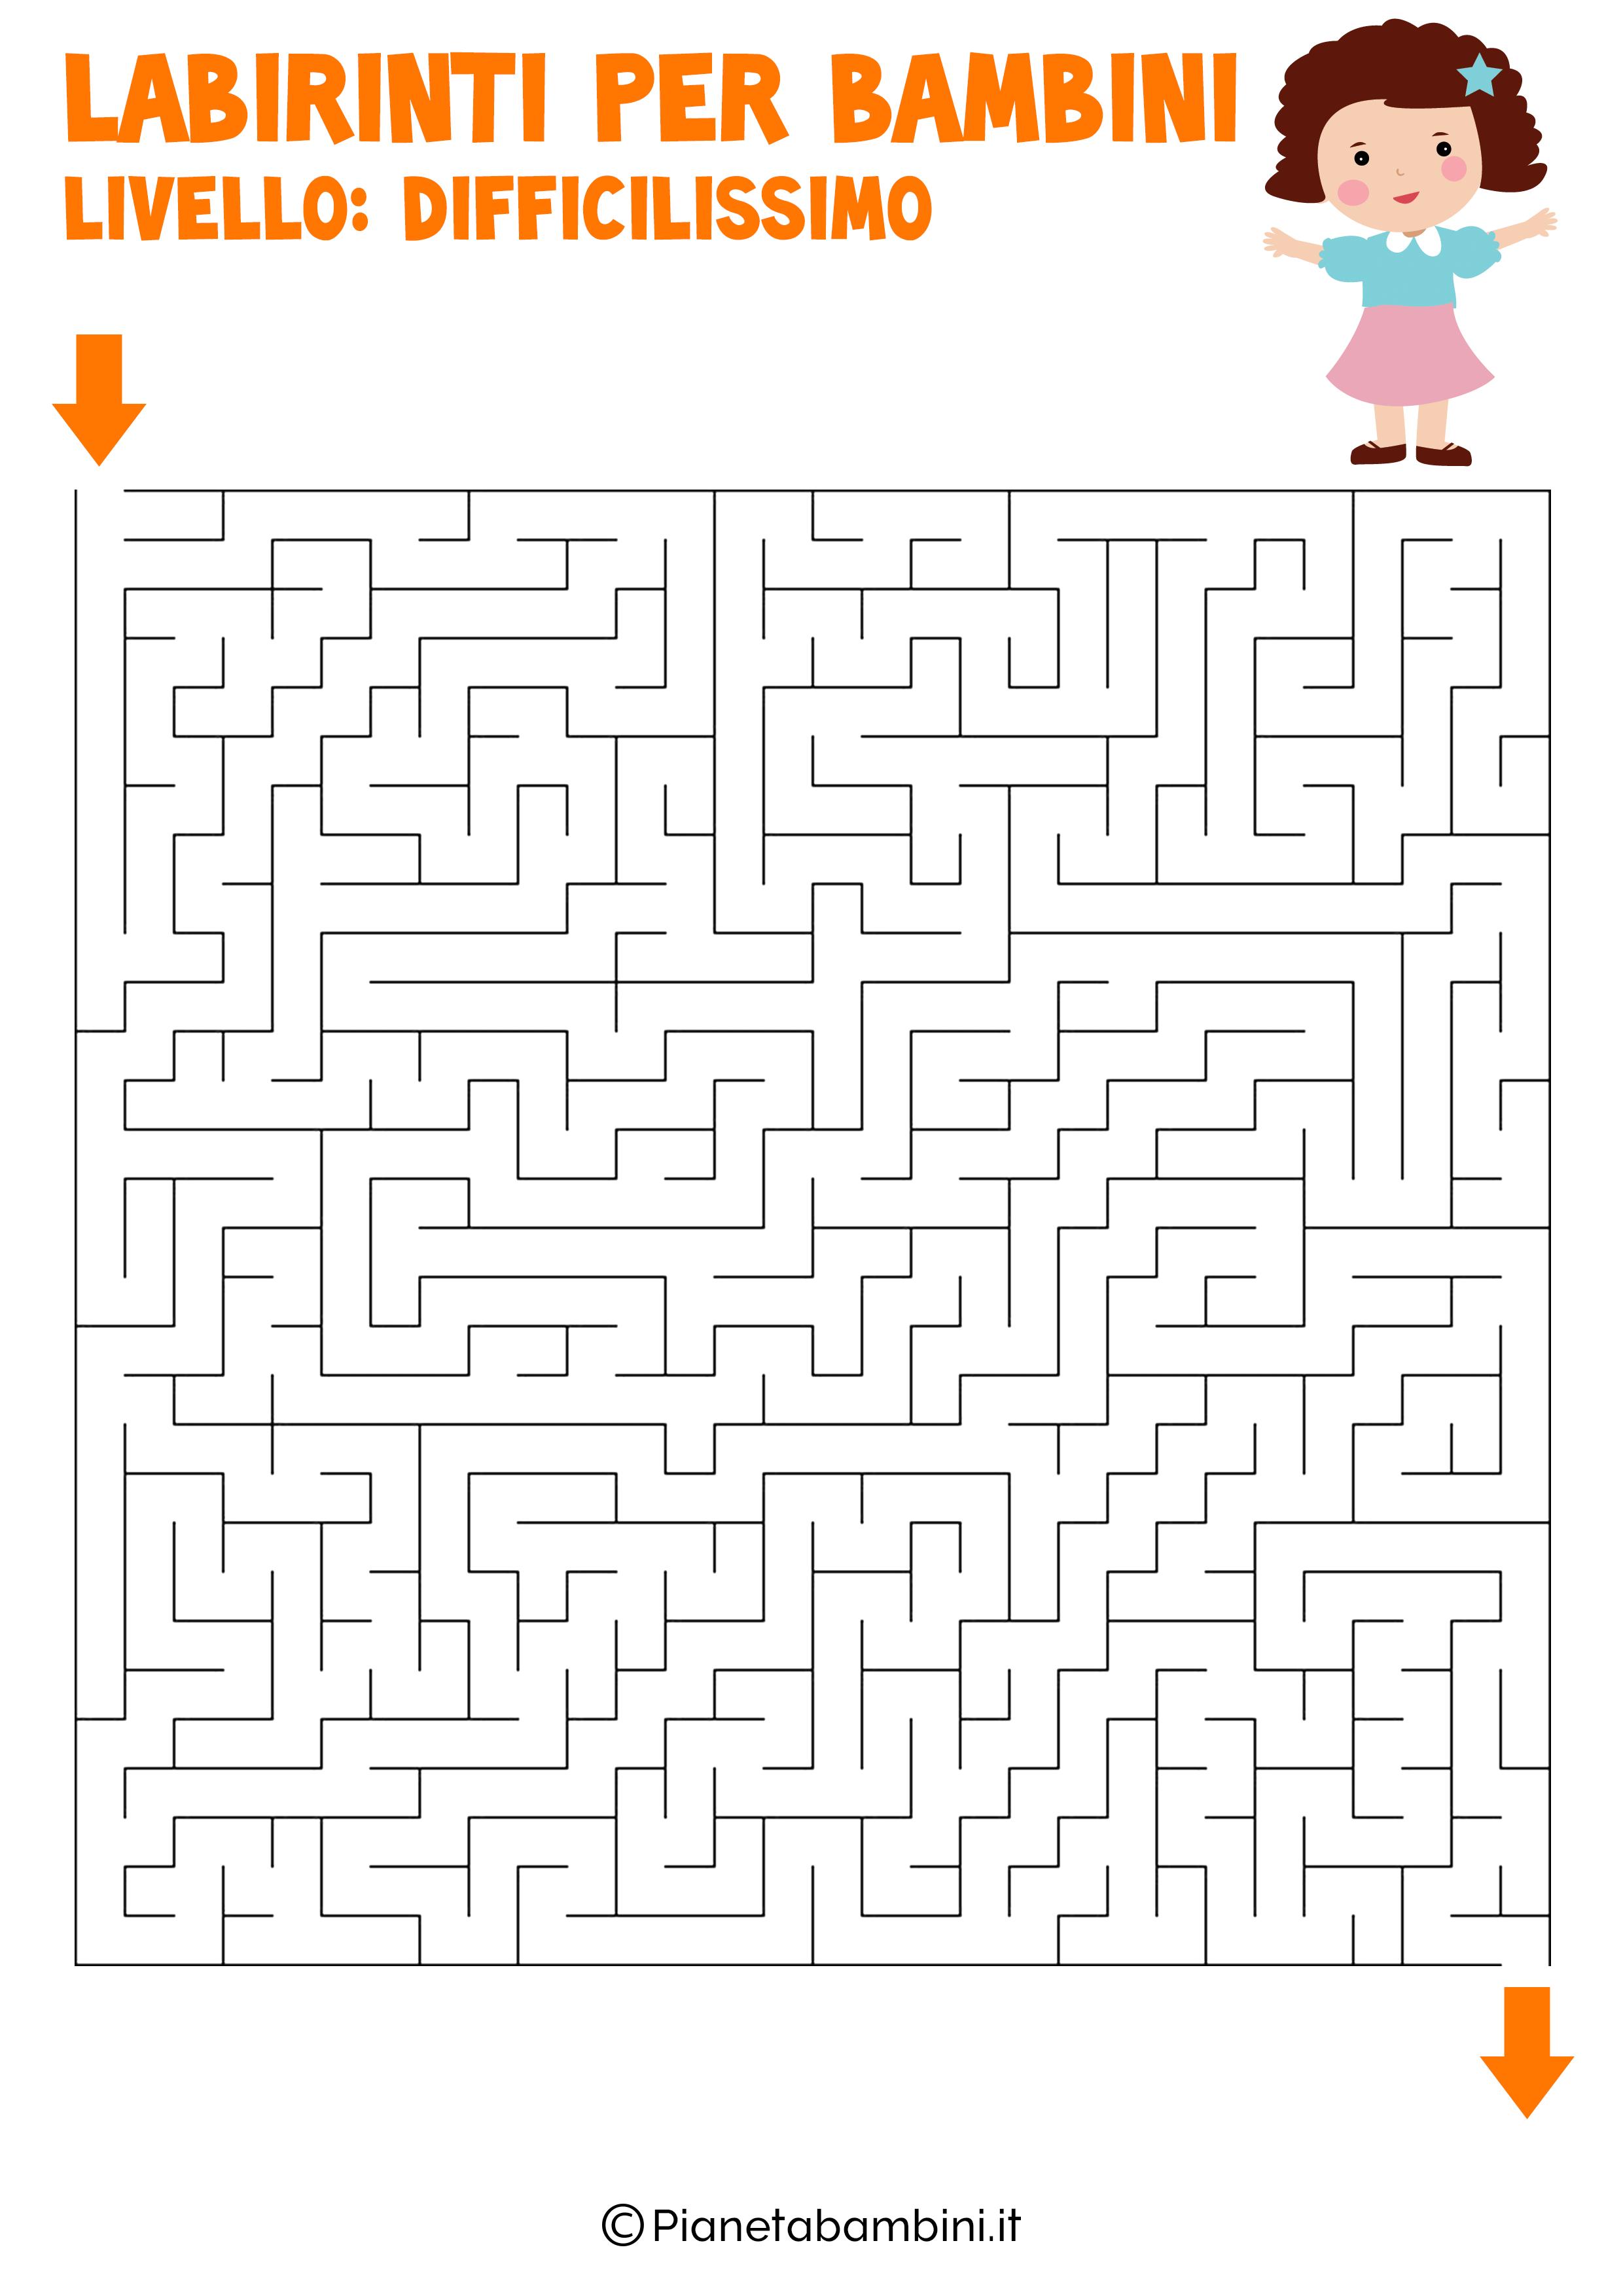 Labirinto difficilissimo per bambini numero 10